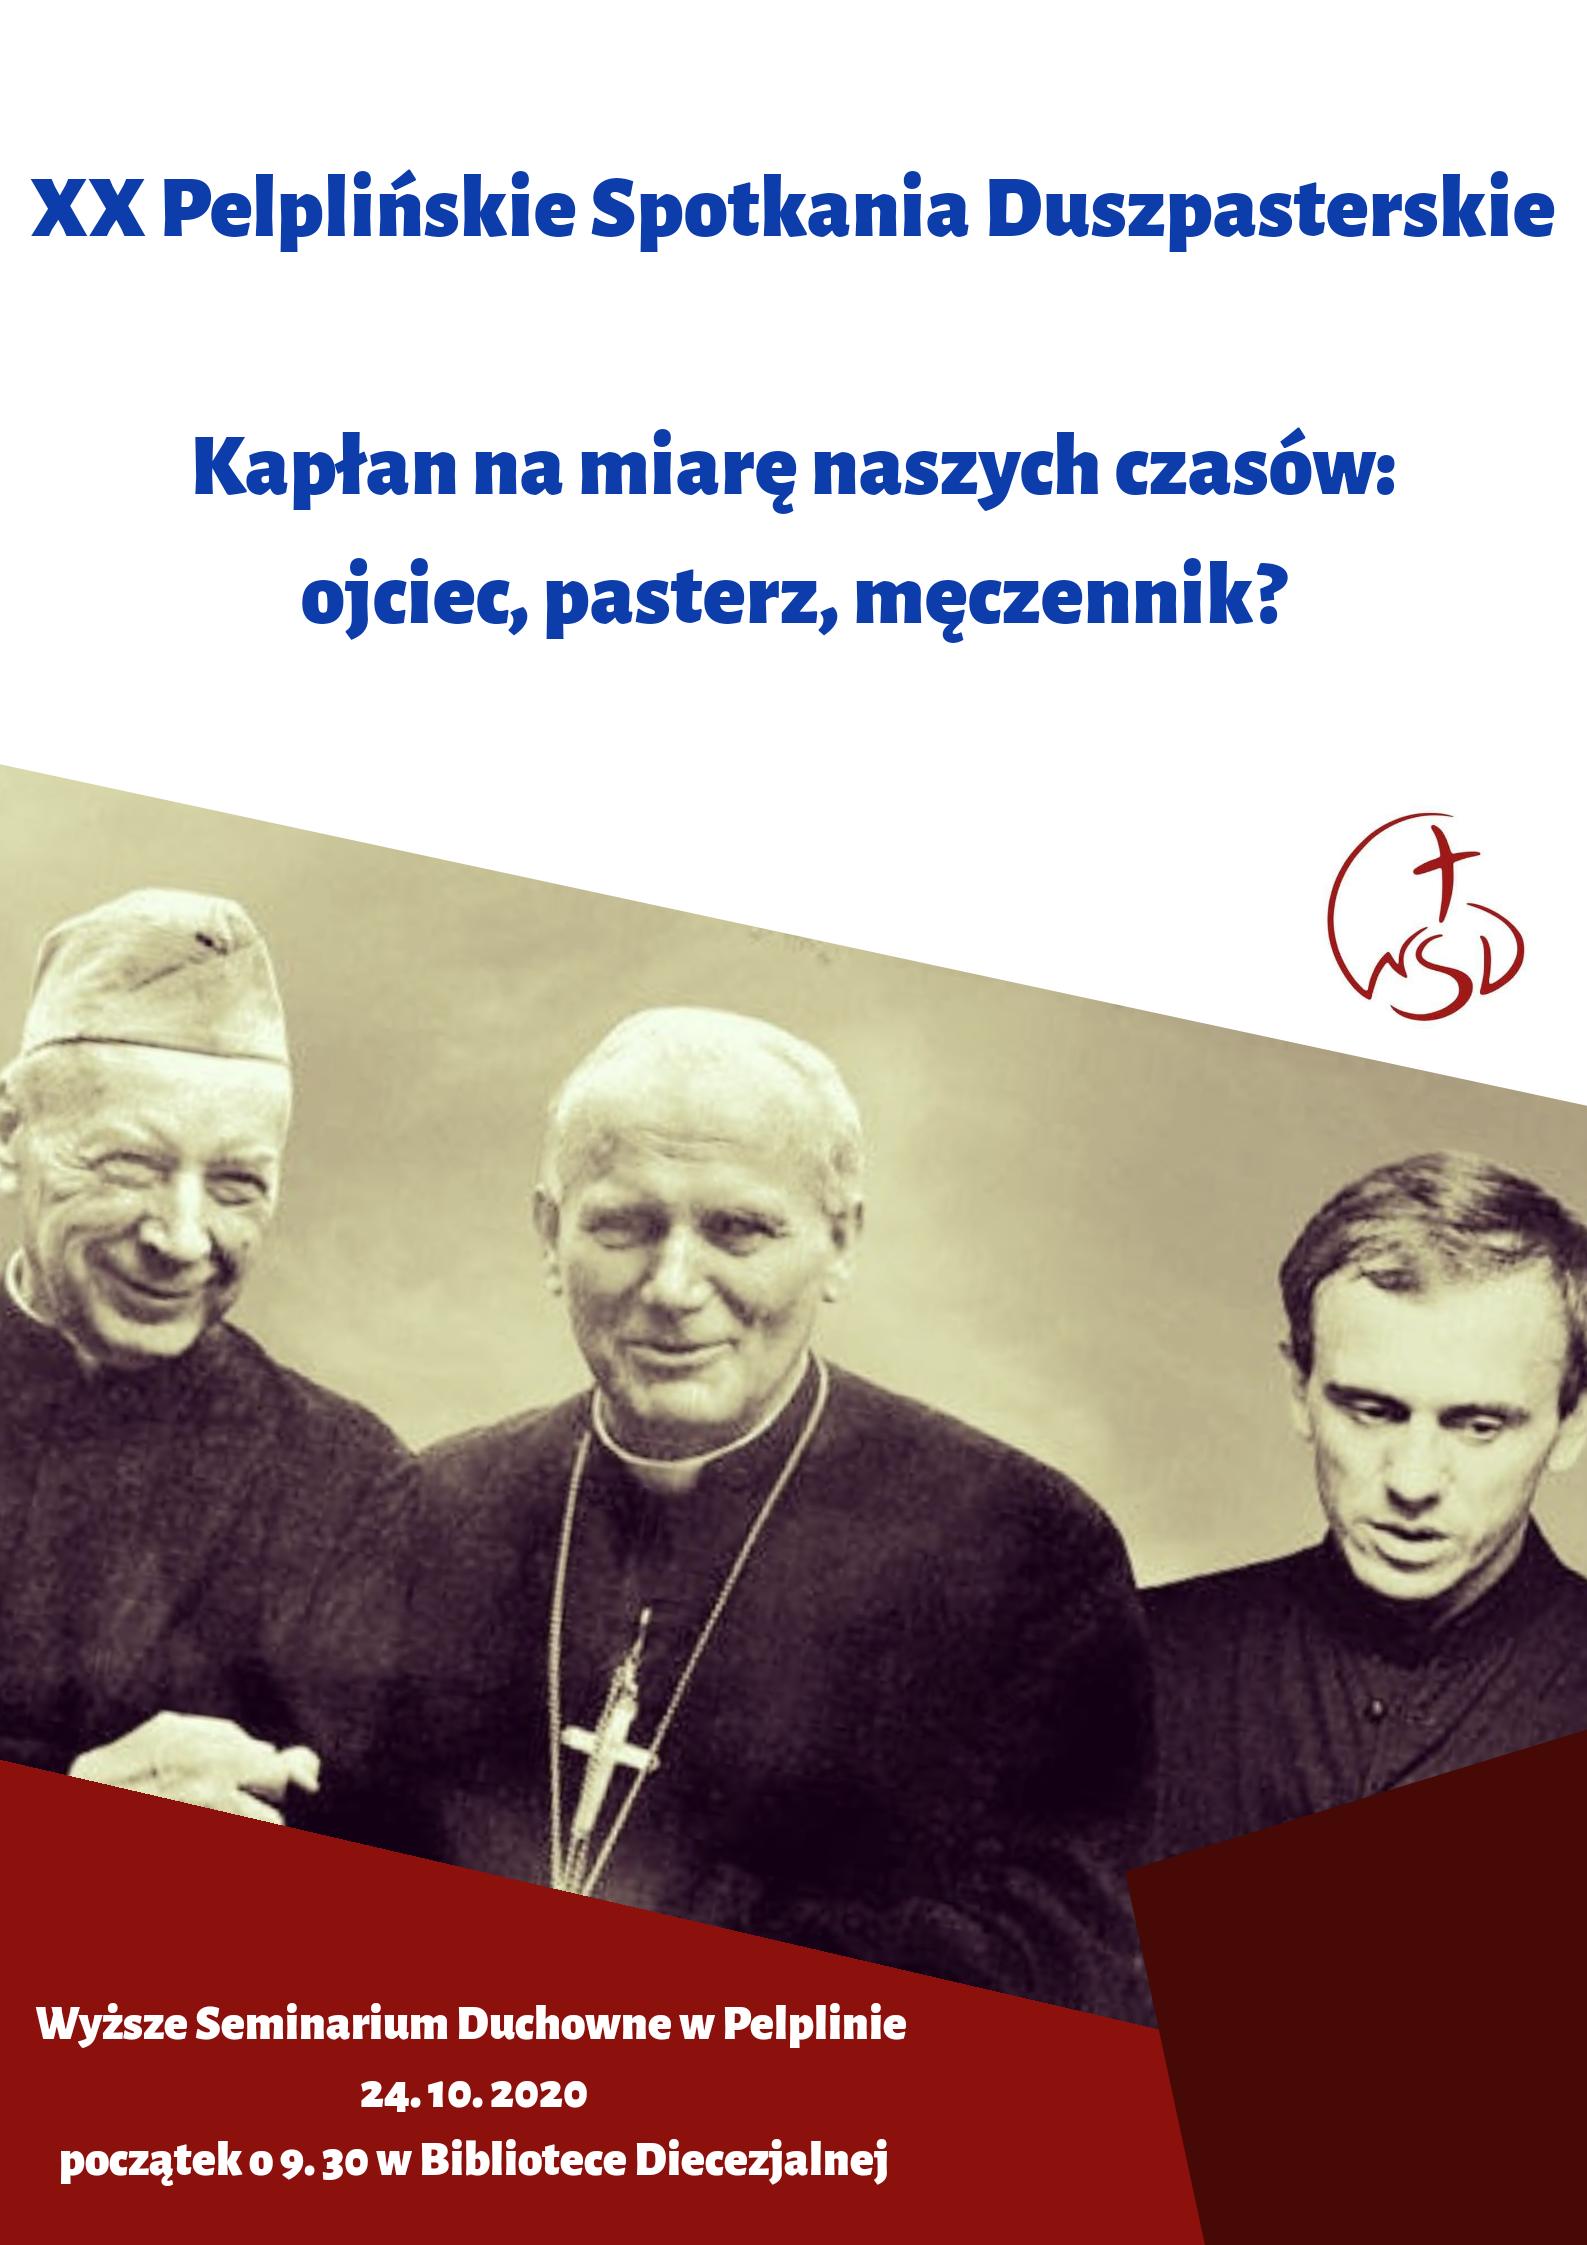 XX Pelplińskie Spotkania Duszpasterskie